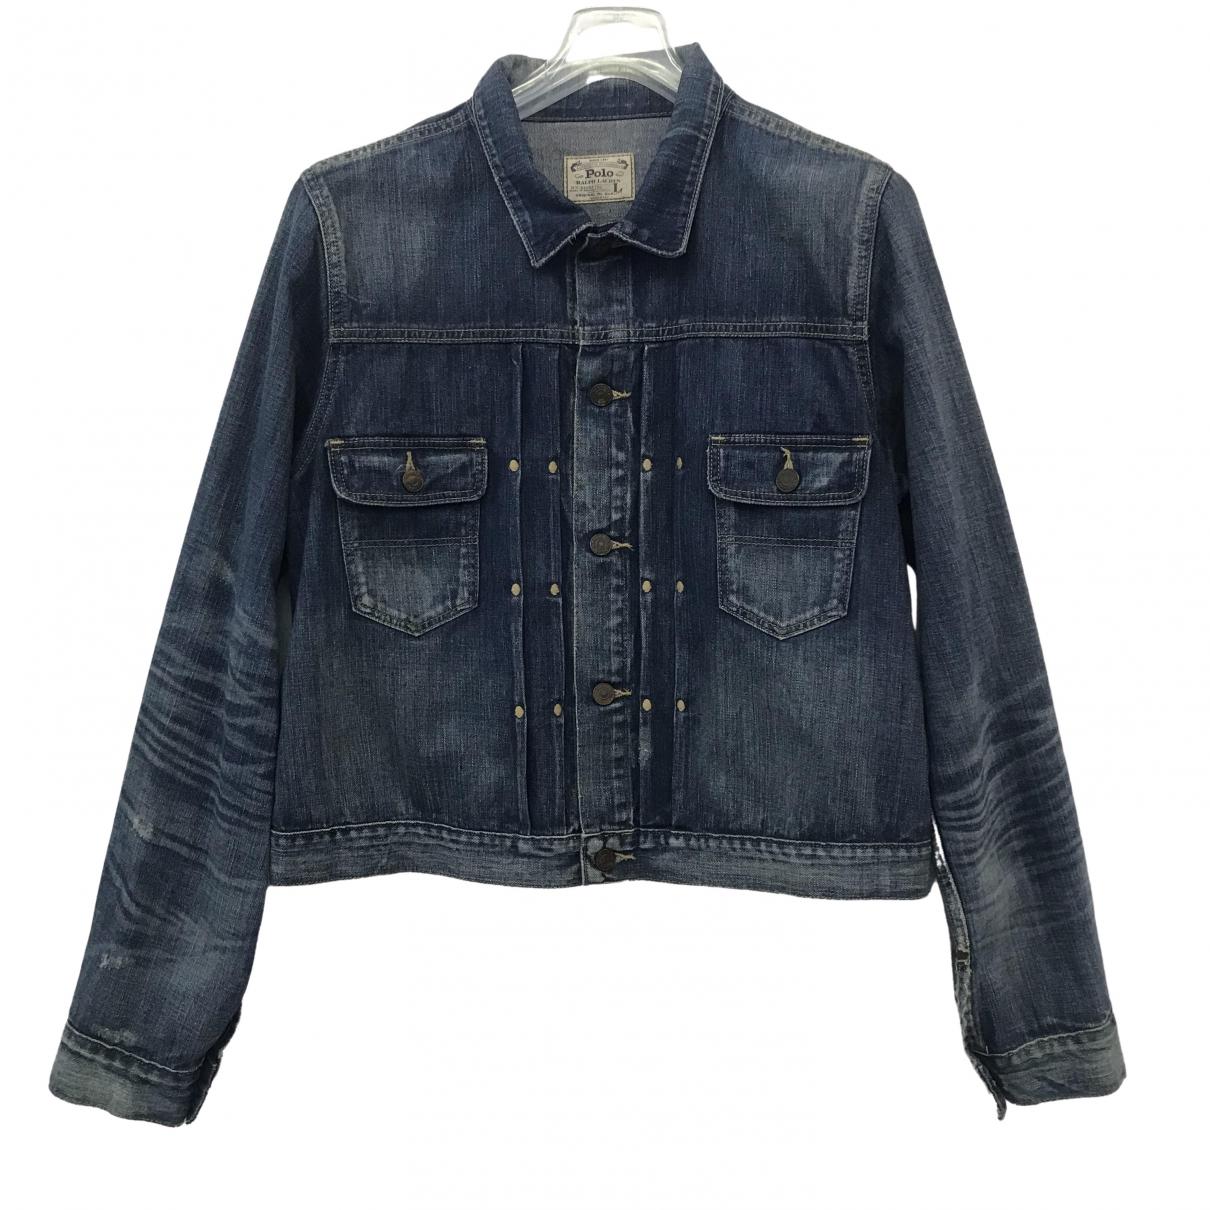 Polo Ralph Lauren \N Jacke in Denim - Jeans